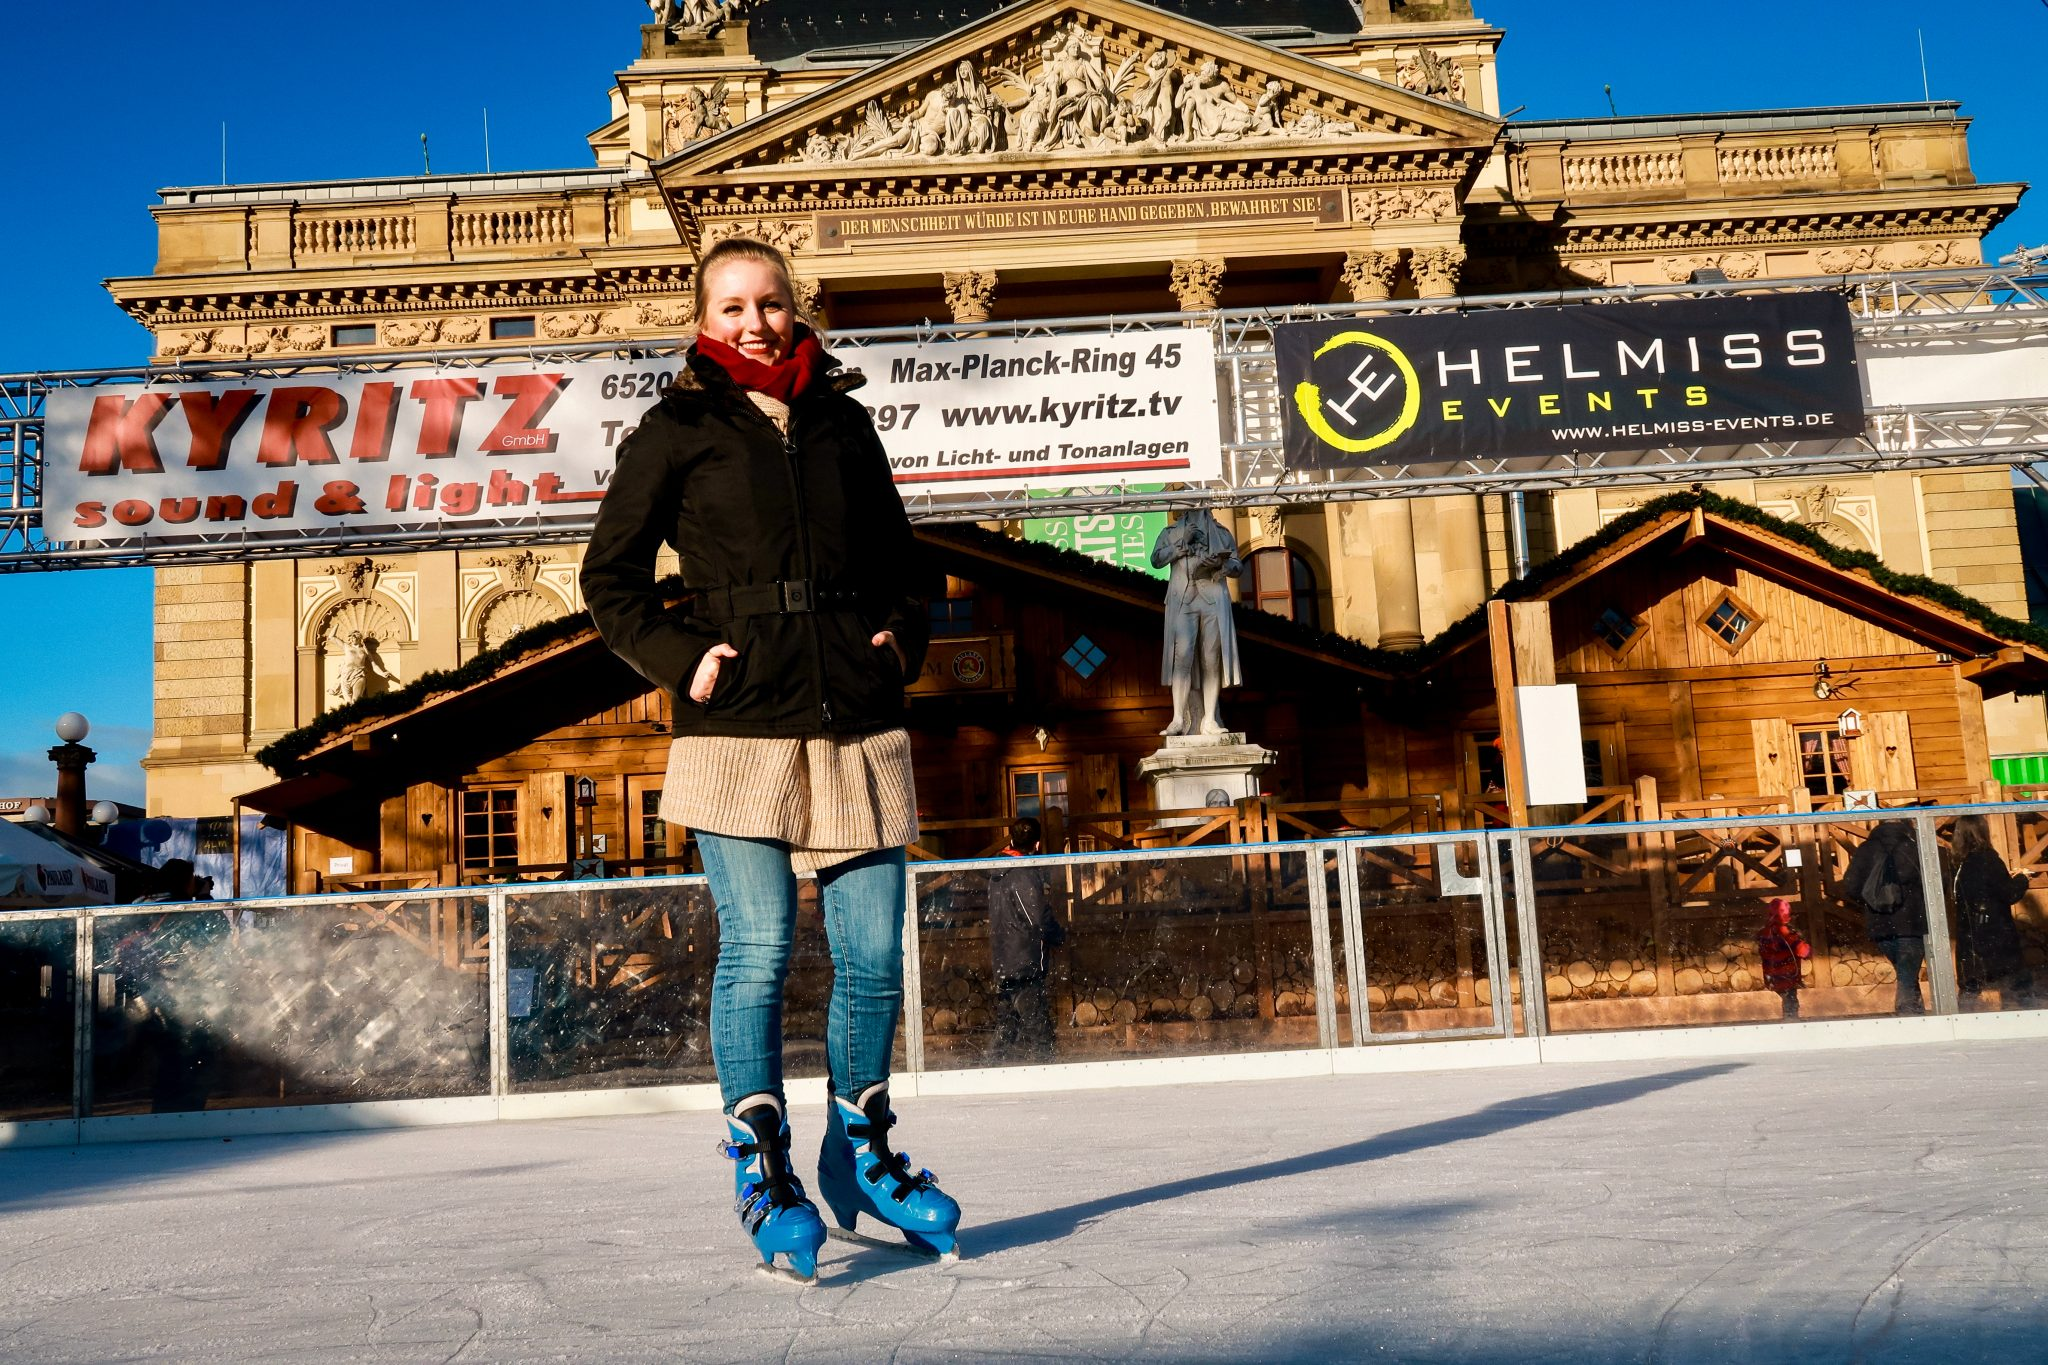 Wiesbaden, Sternschnuppenmarkt: Matthias und ich hatten sehr viel Spaß auf der Schlittschuhbahn und niemand von uns ist hingefallen. Ein Traum! Keine blauen Flecke, nur Spaß!